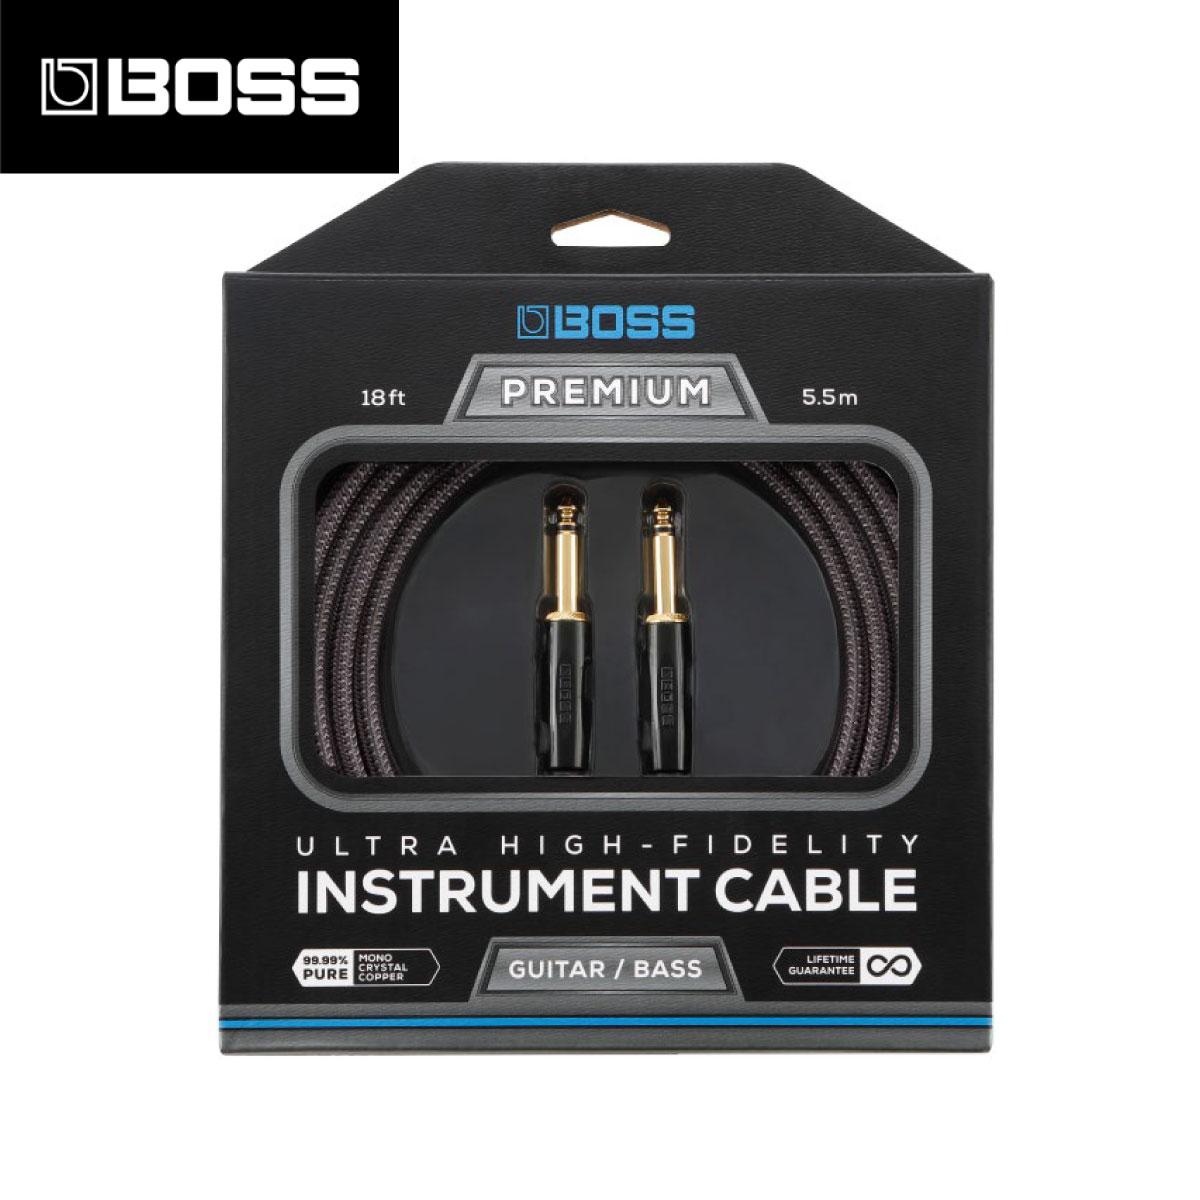 BOSS BIC-P18 5.5m ストレートプラグ 新品 [ボス][Instrument Cable,シールド][SS,S/S][楽器用ケーブル,Guitar,Bass,ギター,ベース]